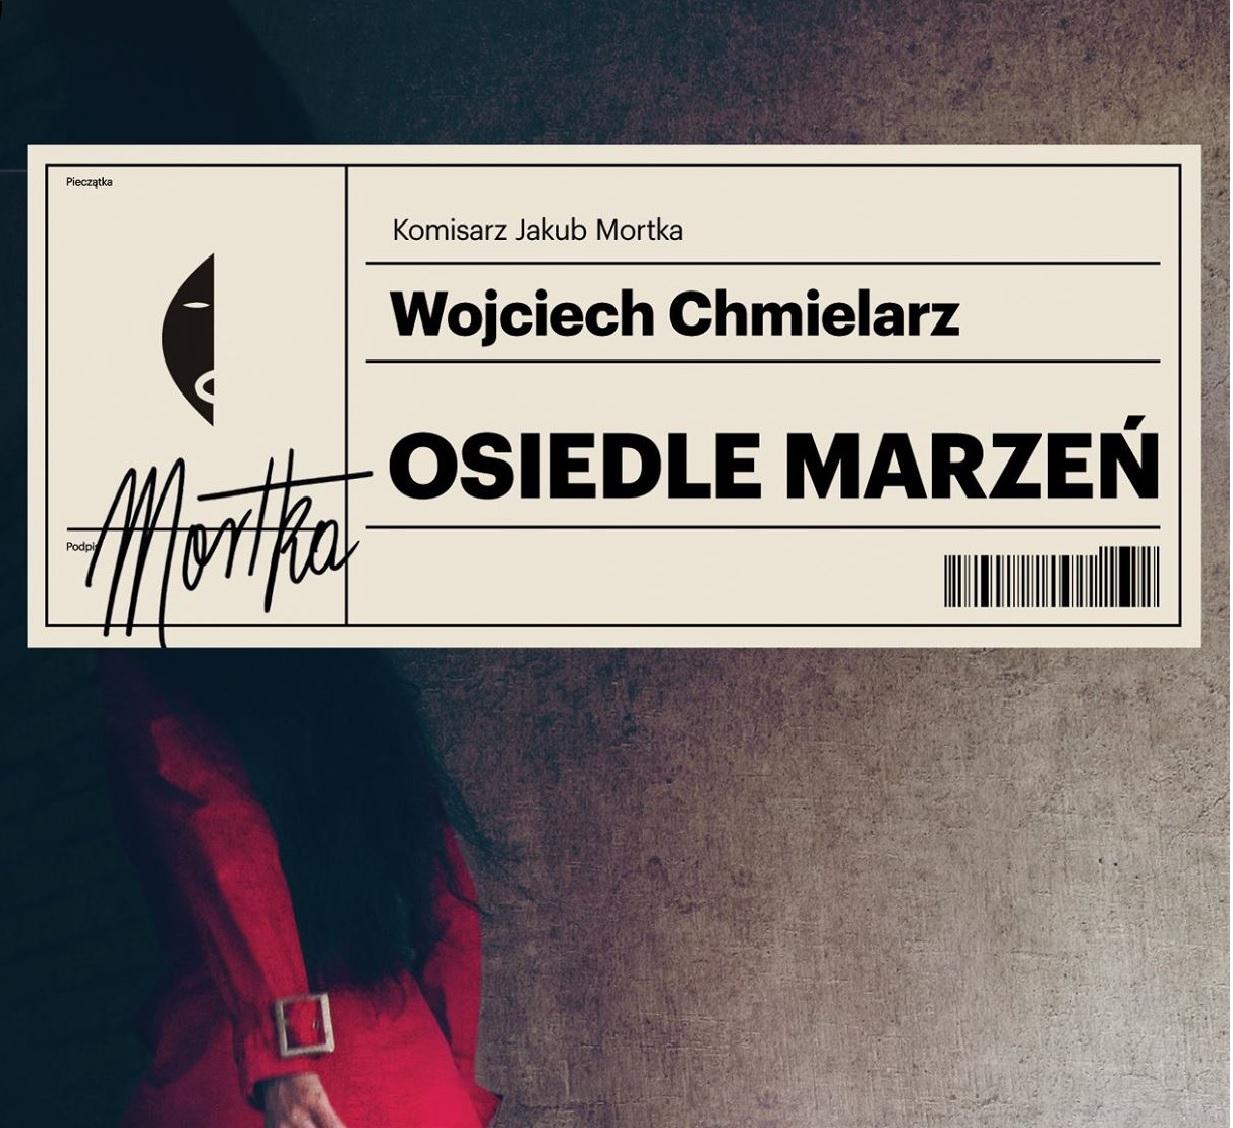 osiedle_marzen